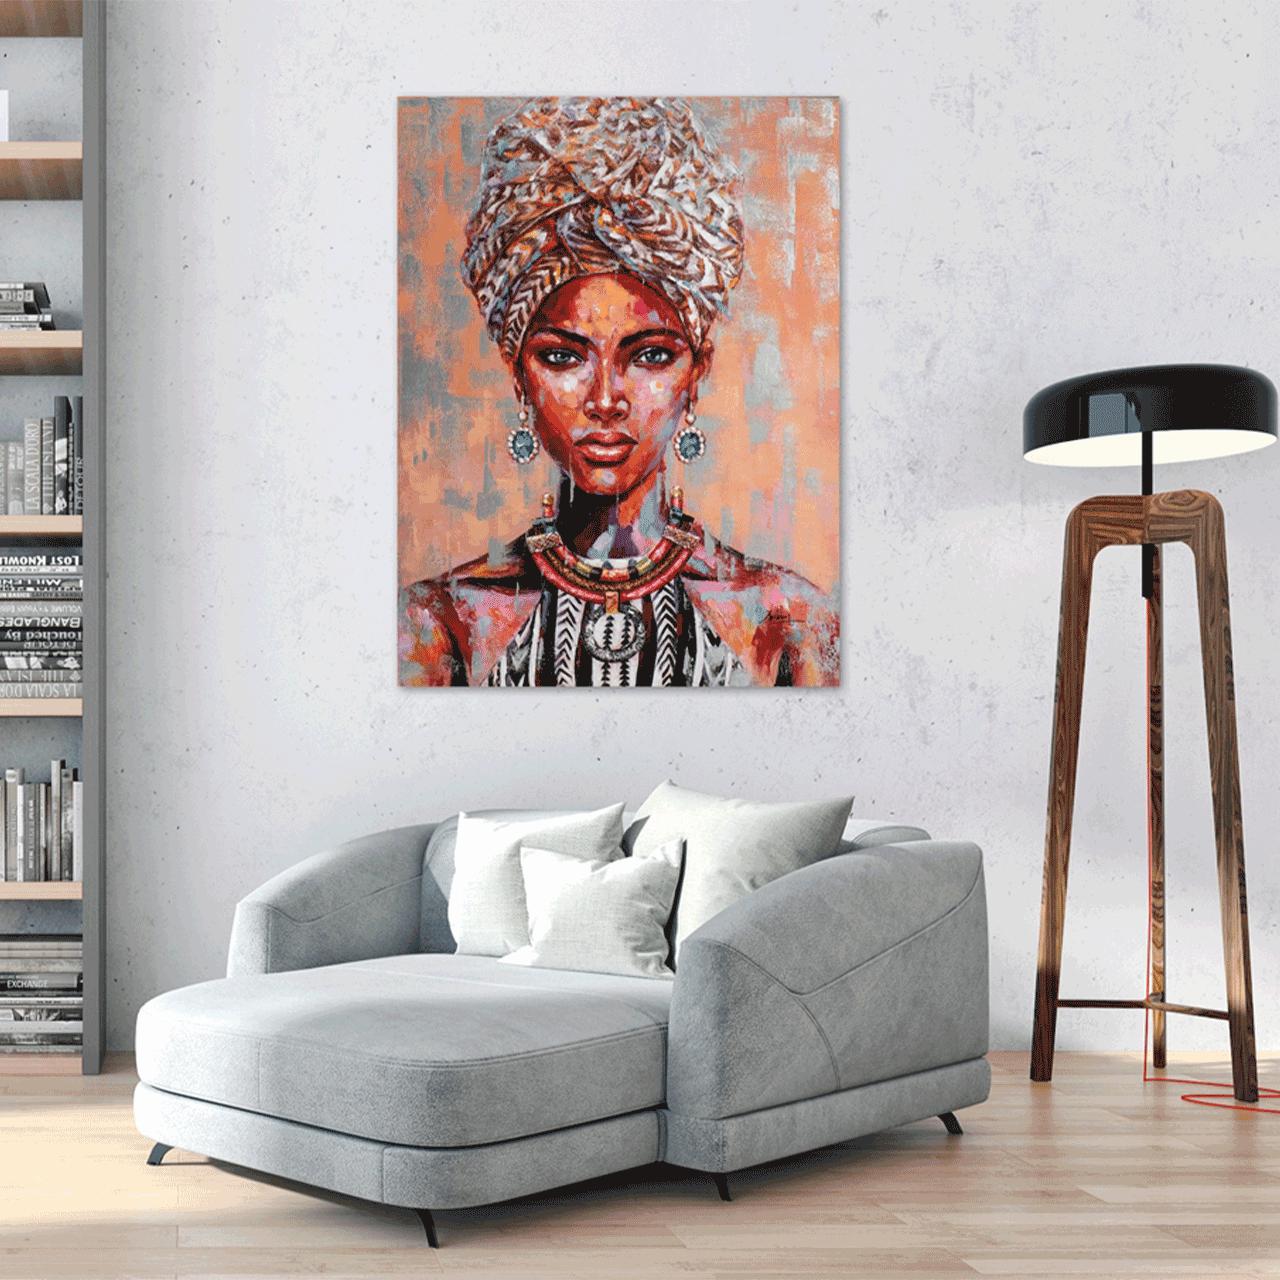 Imageland Bild Afrikanische Schönheit mit Turban